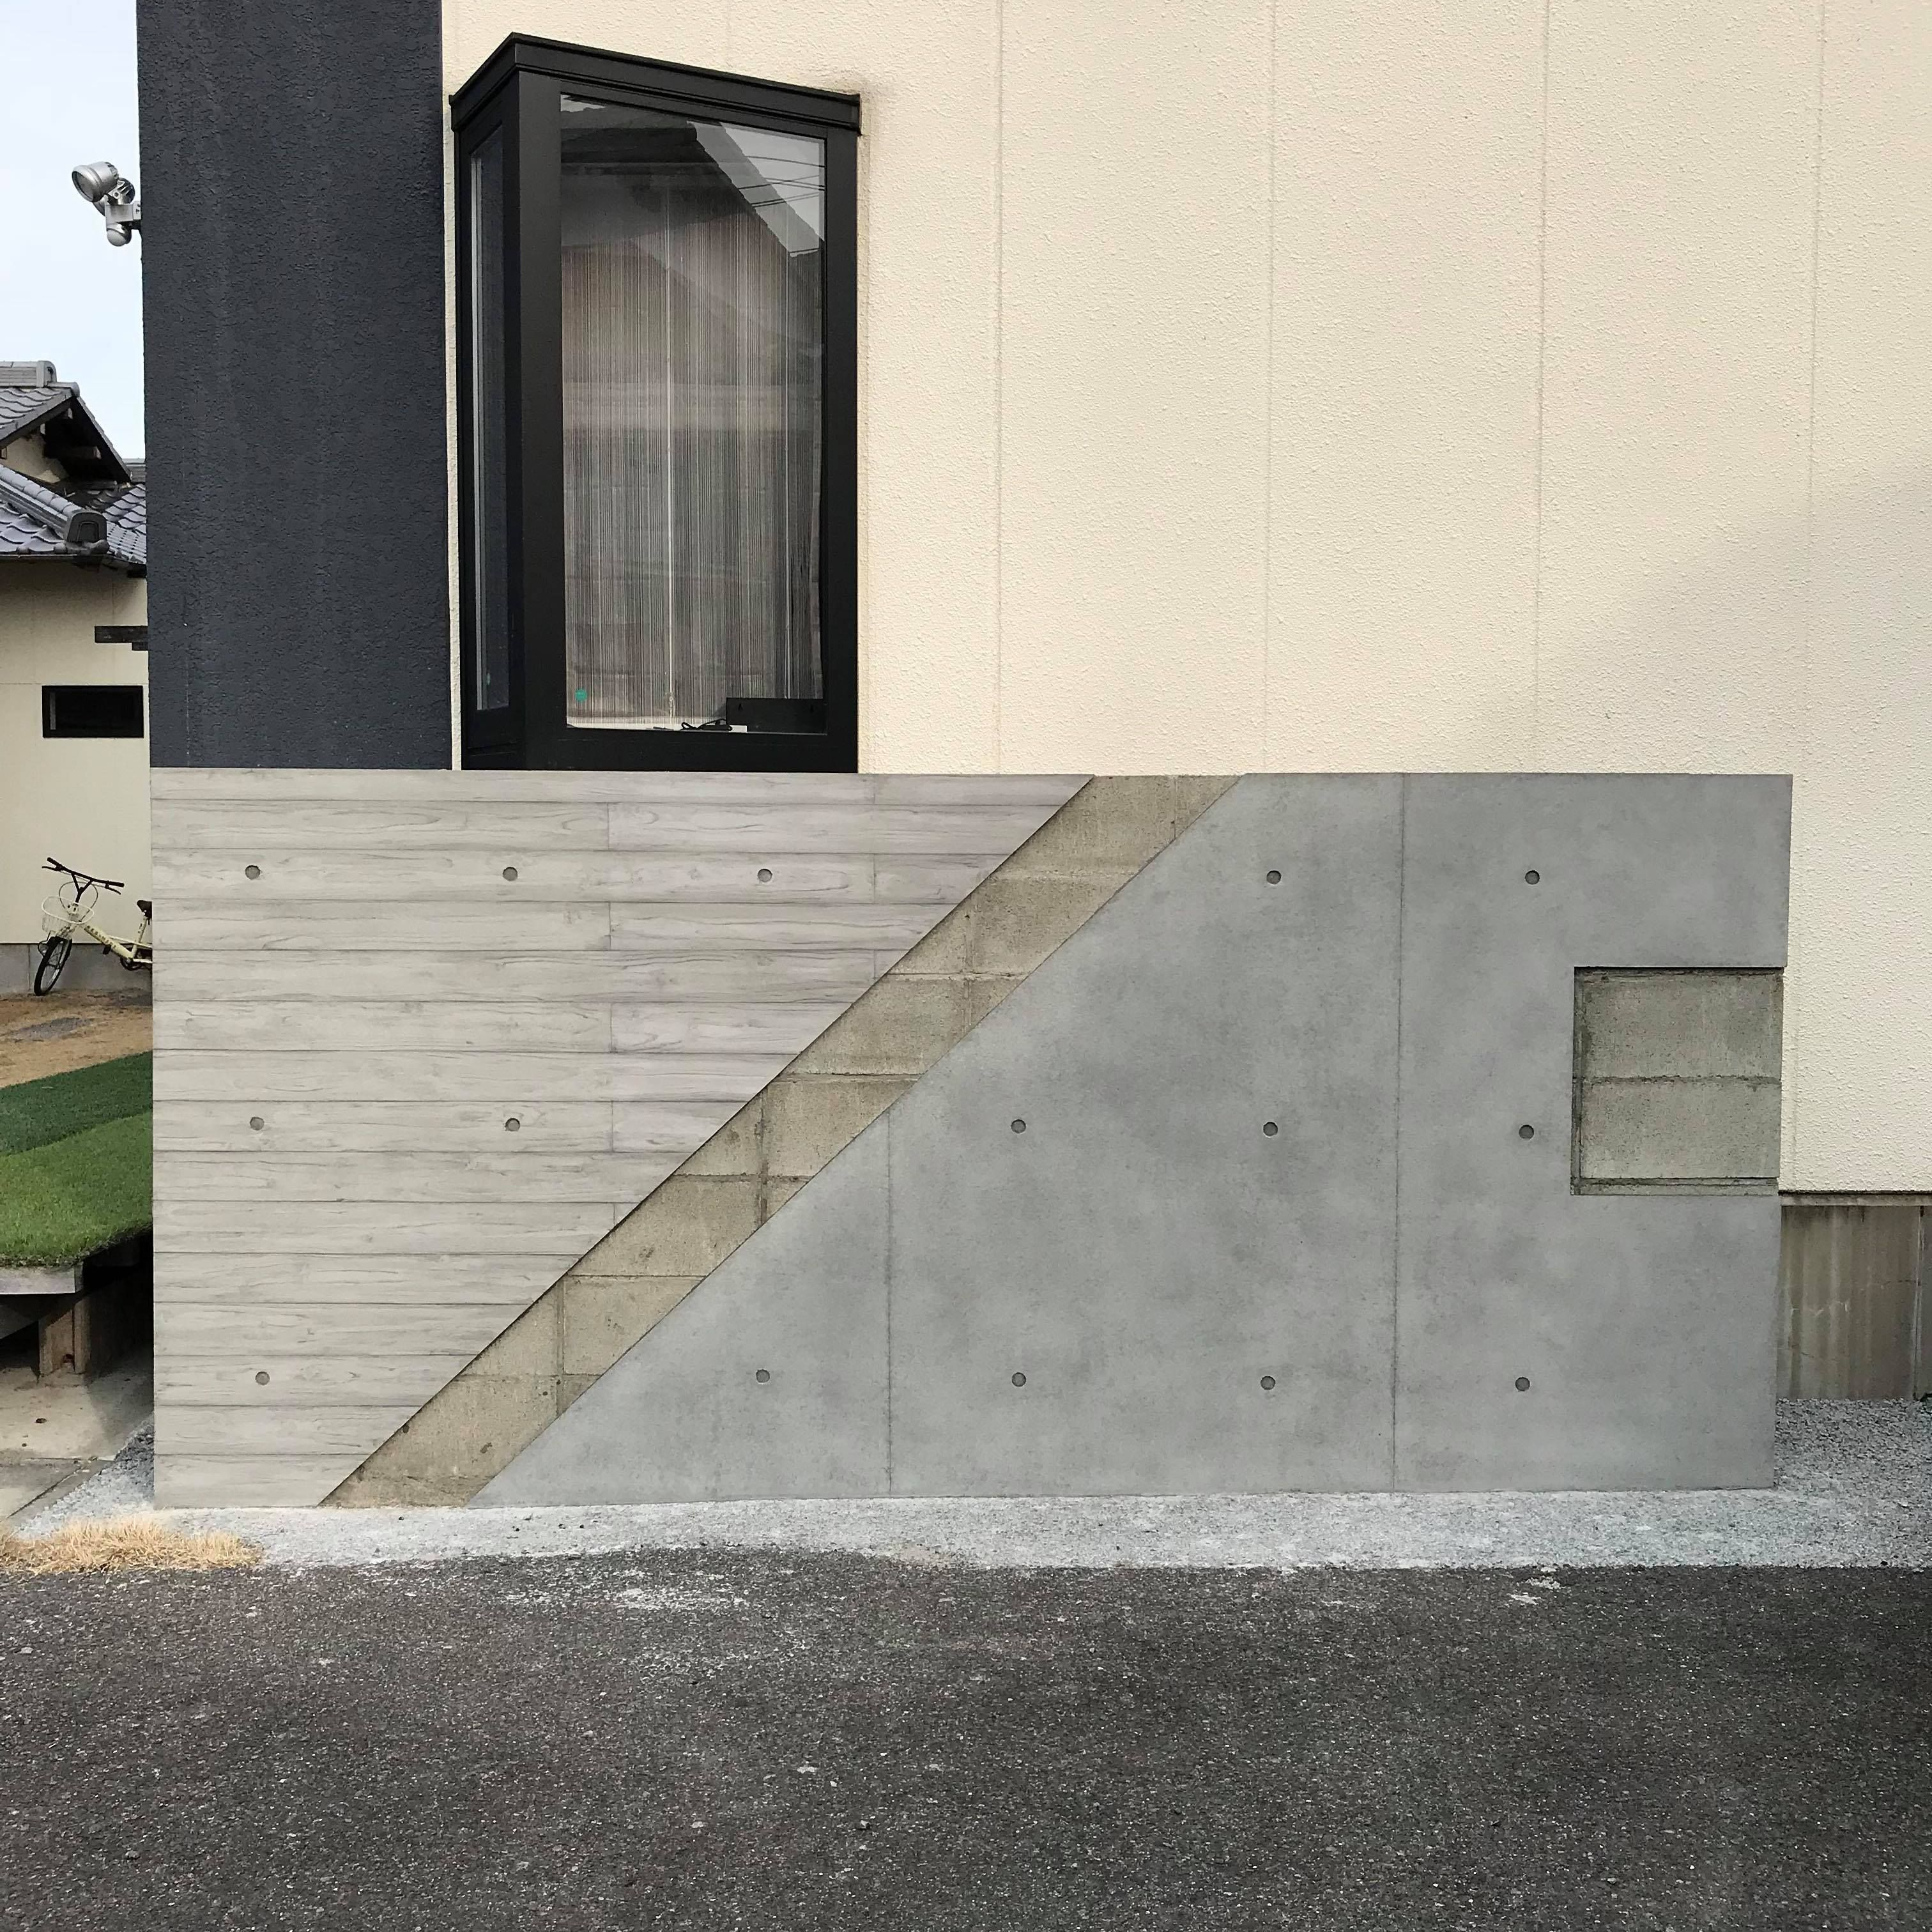 打ち放しコンクリートの擁壁が杉板模様に 打ち放し色合わせ 価格